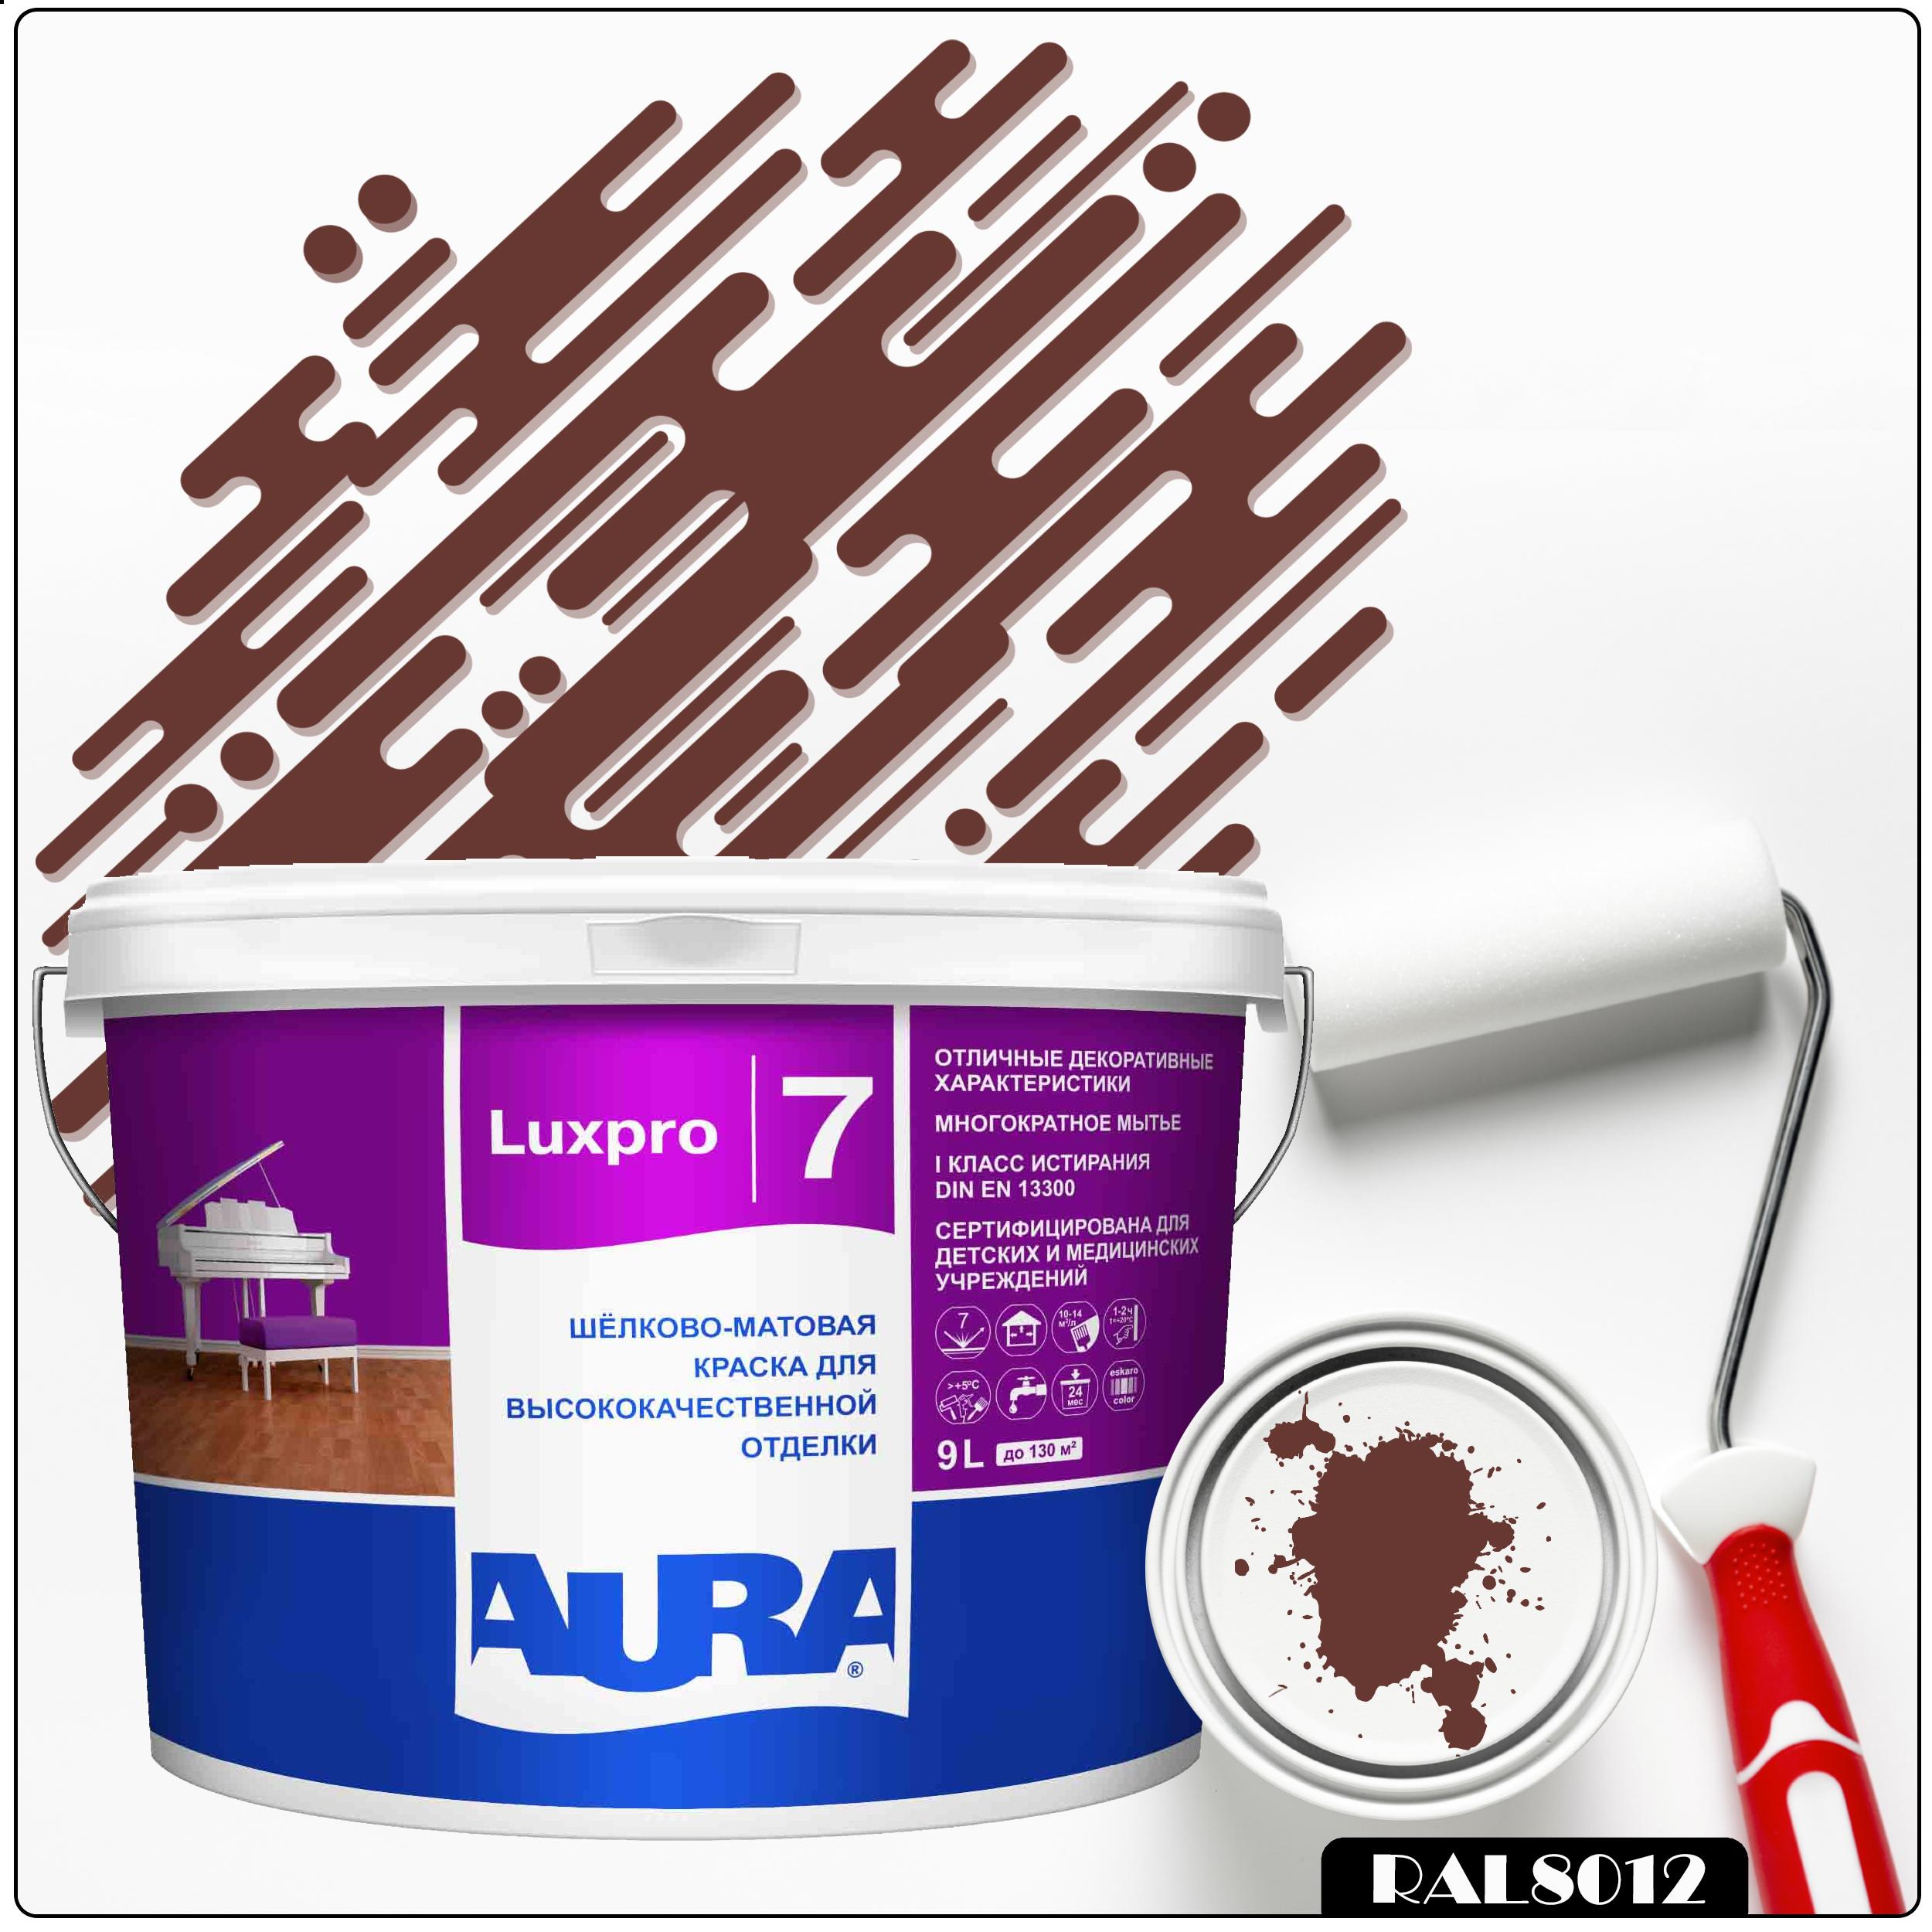 Фото 9 - Краска Aura LuxPRO 7, RAL 8012 Красно-коричневый, латексная, шелково-матовая, интерьерная, 9л, Аура.